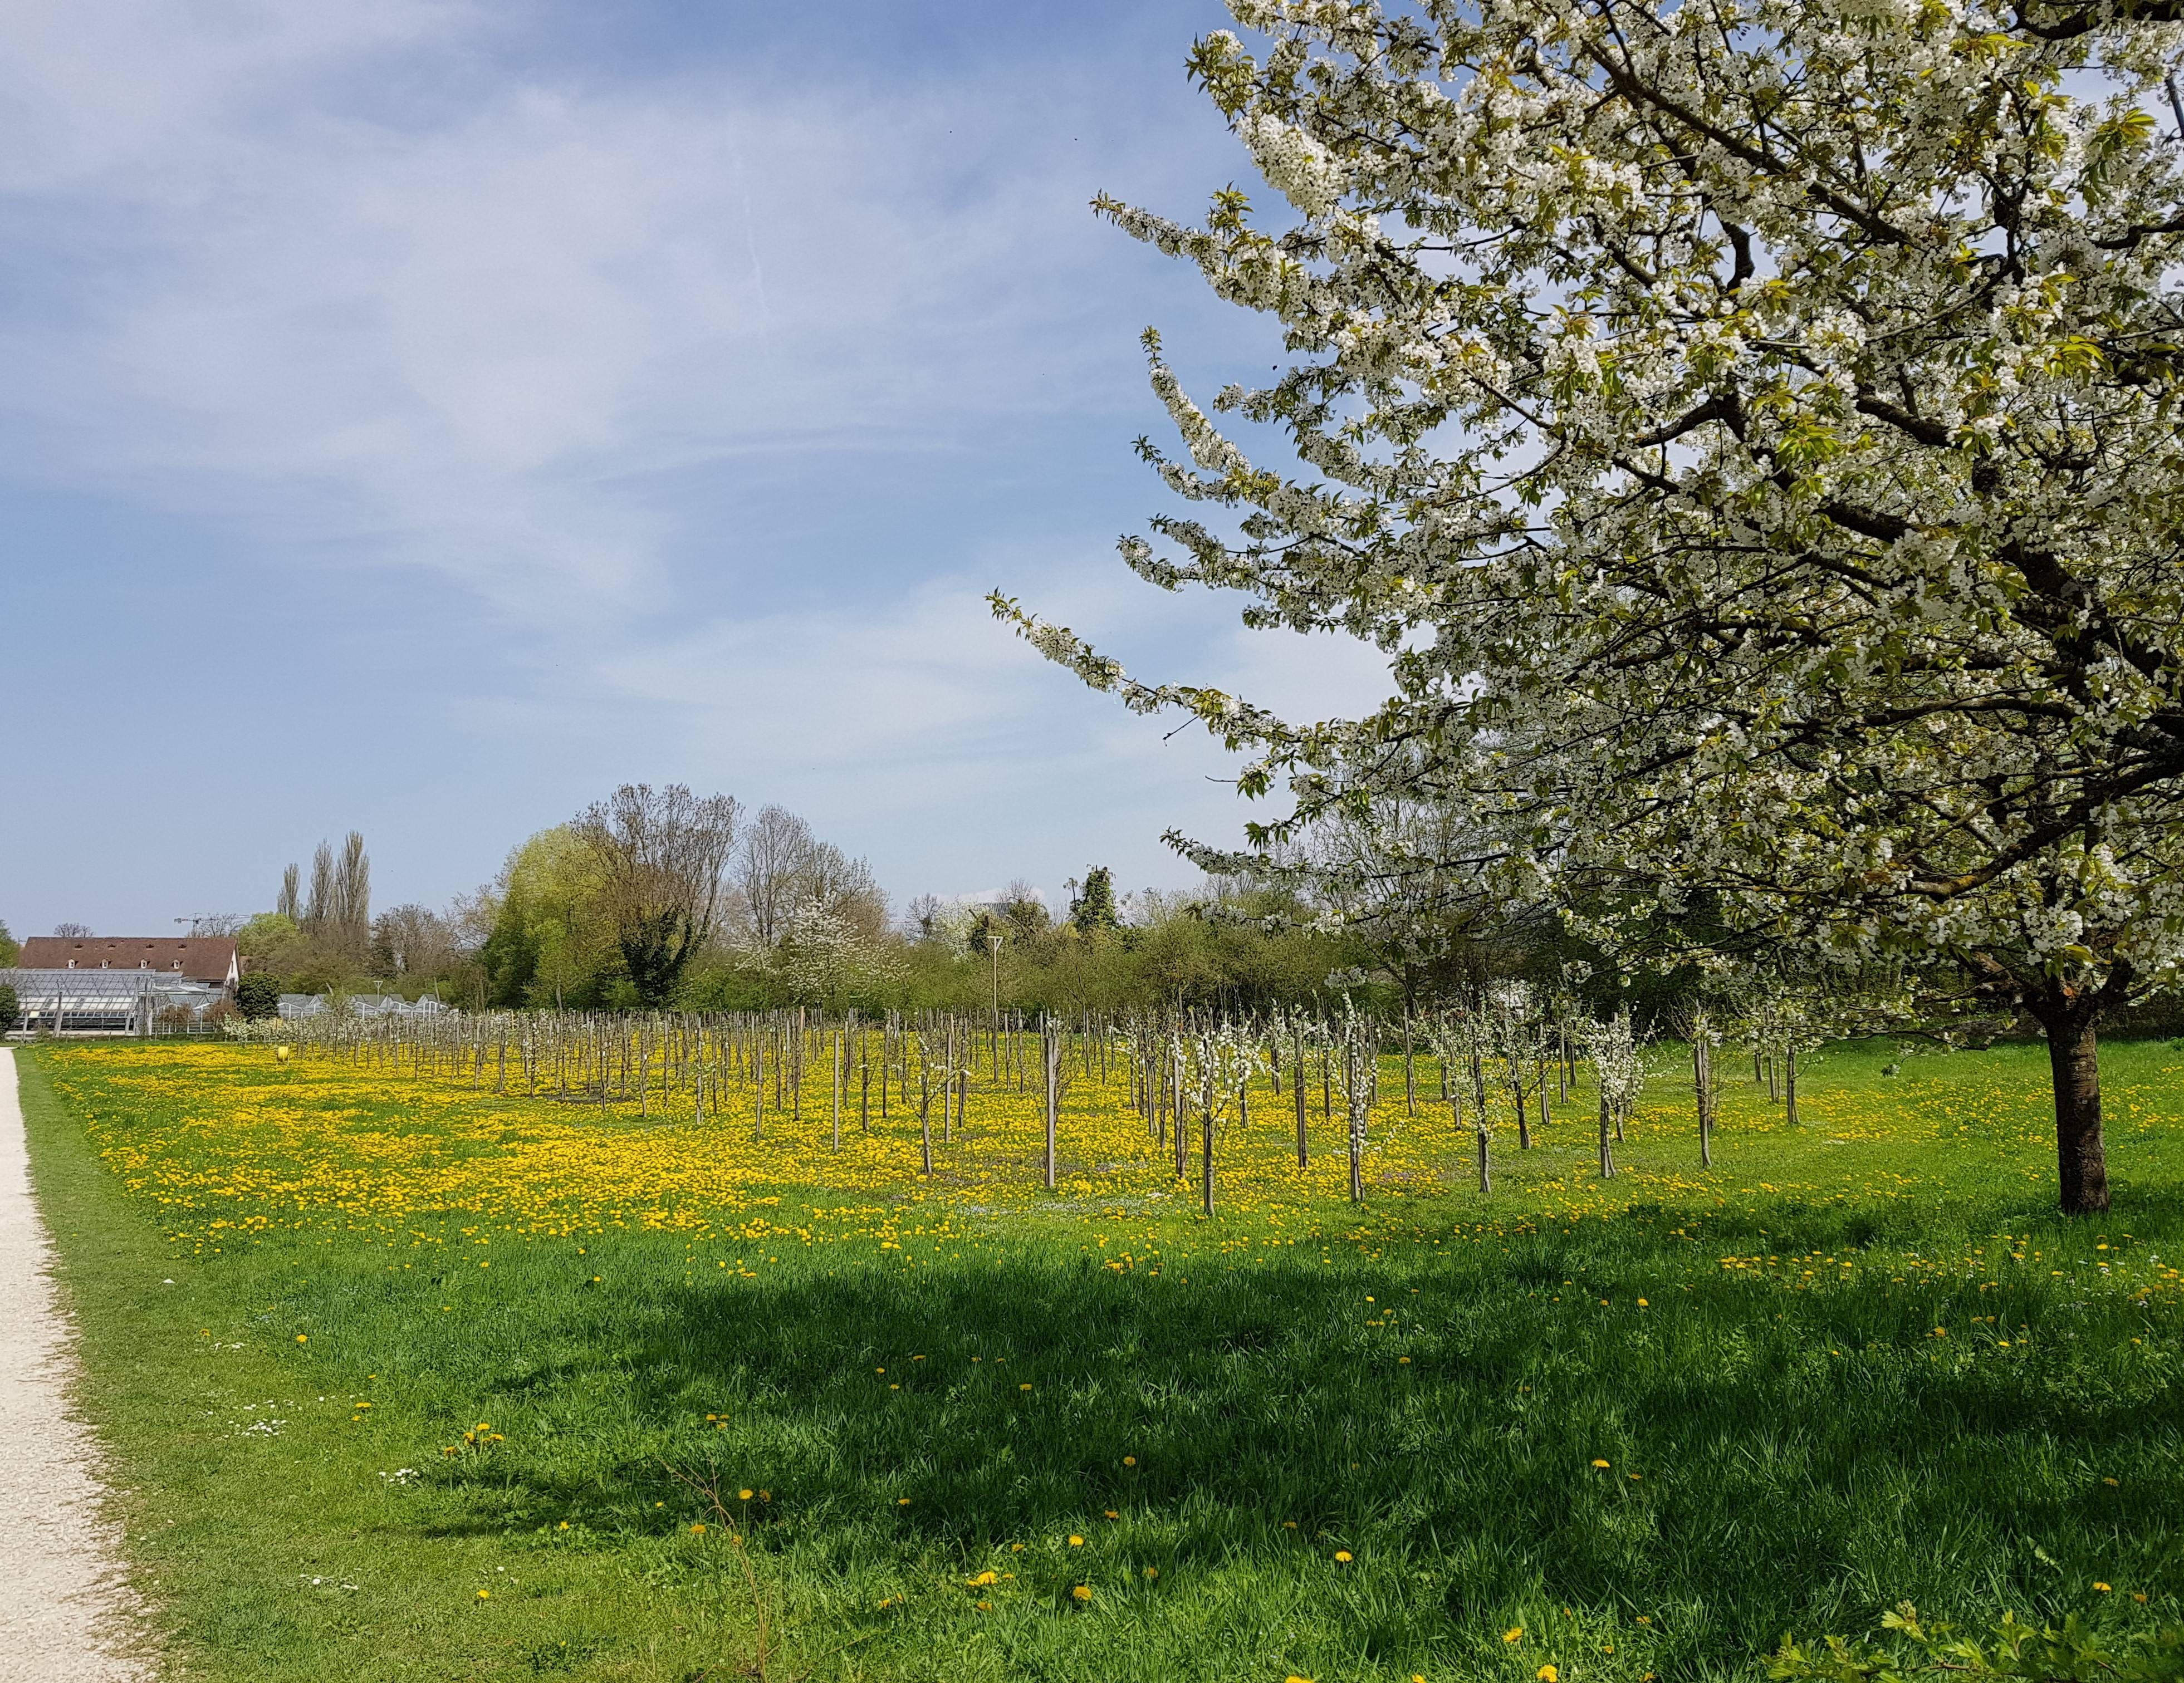 Heuschnupfen - Behandlungsmöglichkeiten - zumbihl florence park im gruenen1